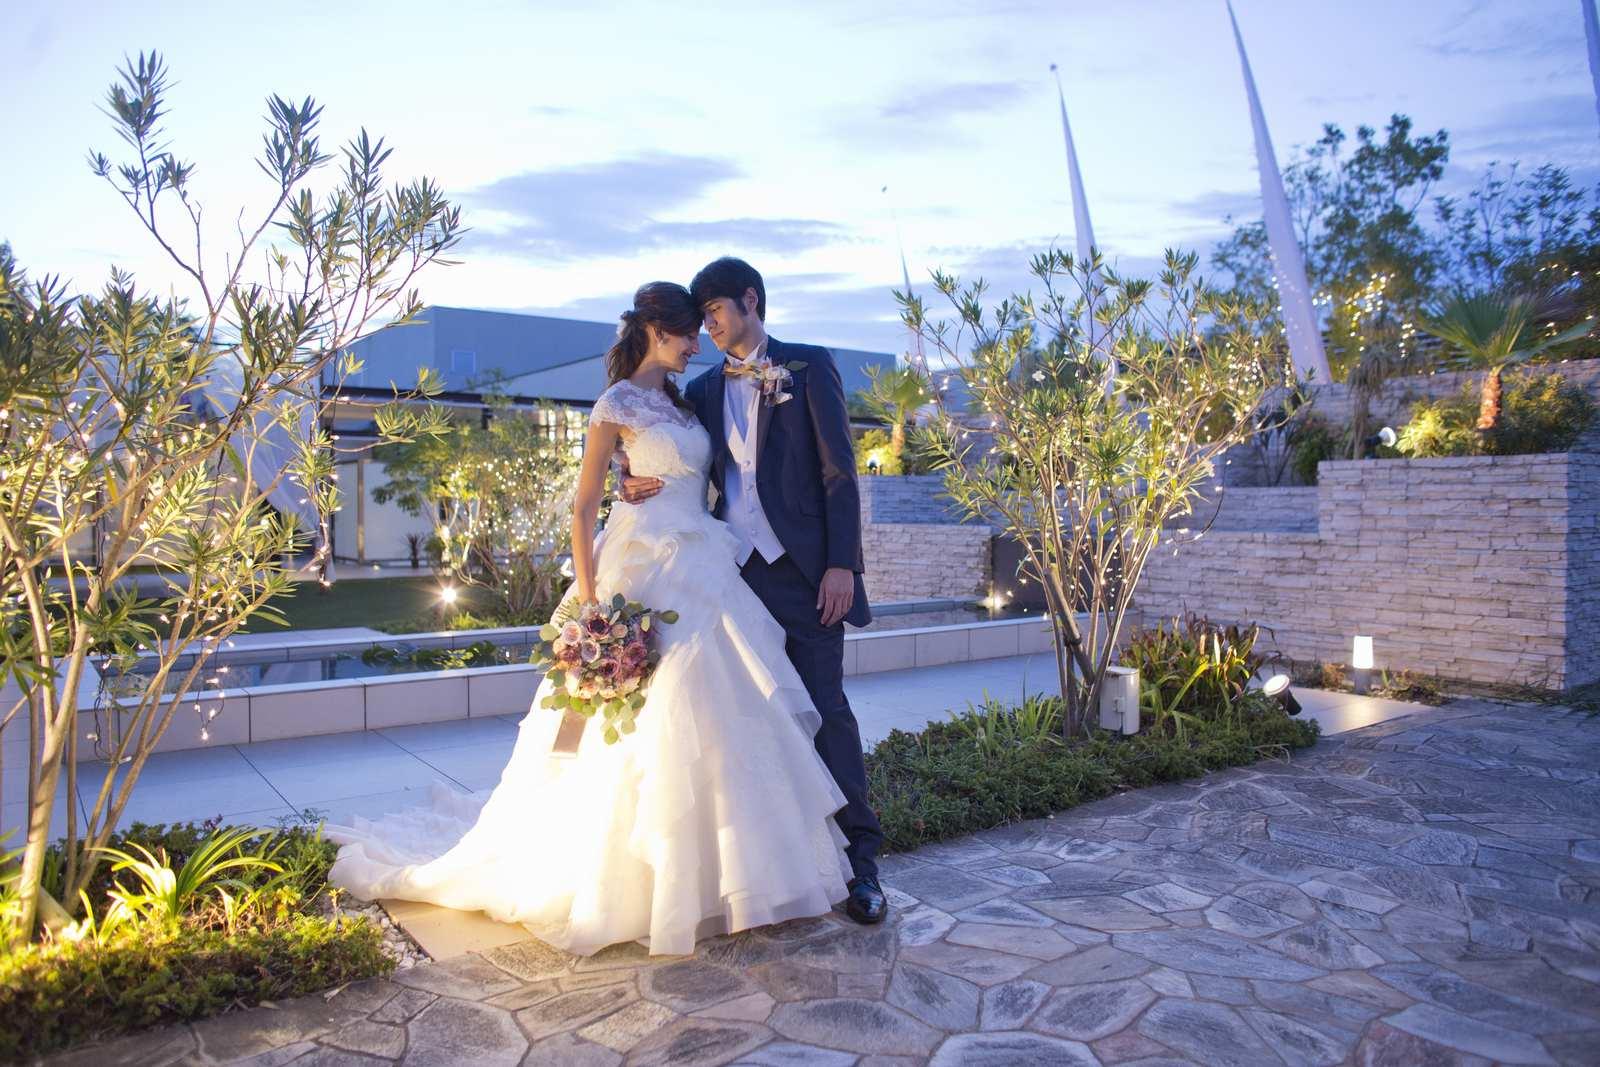 高松市の結婚式場アイルバレクラブのガーデン